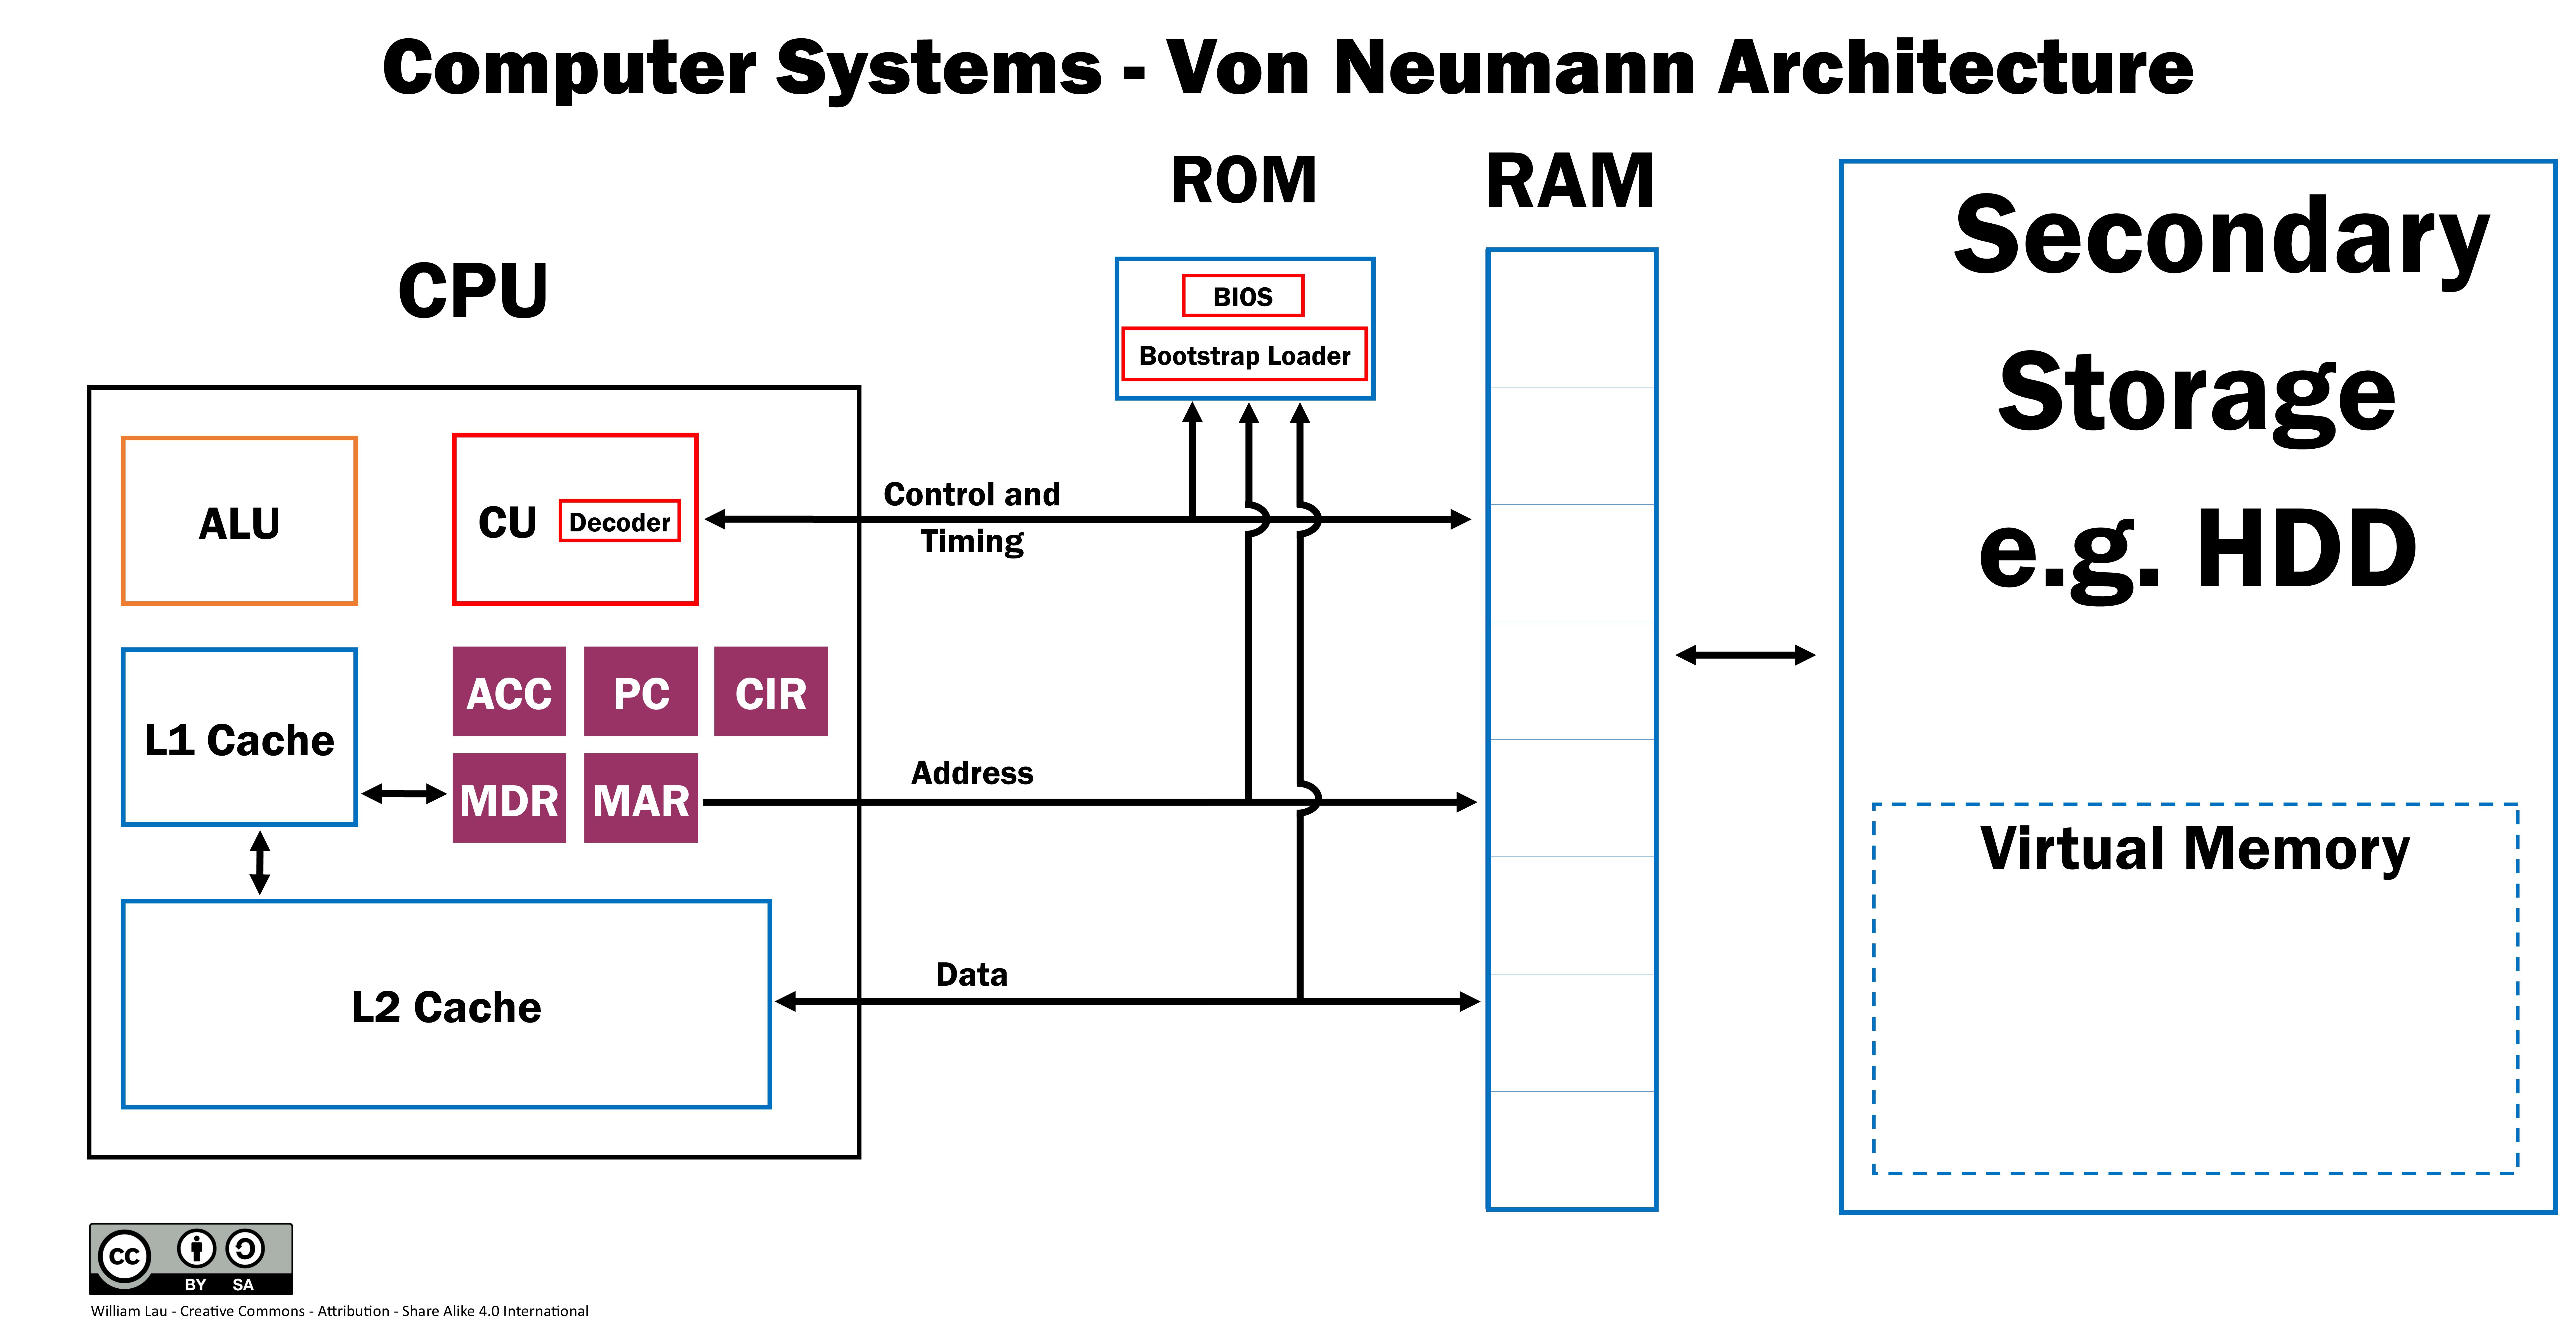 Computer Systems Von Neumann Architecture Poster